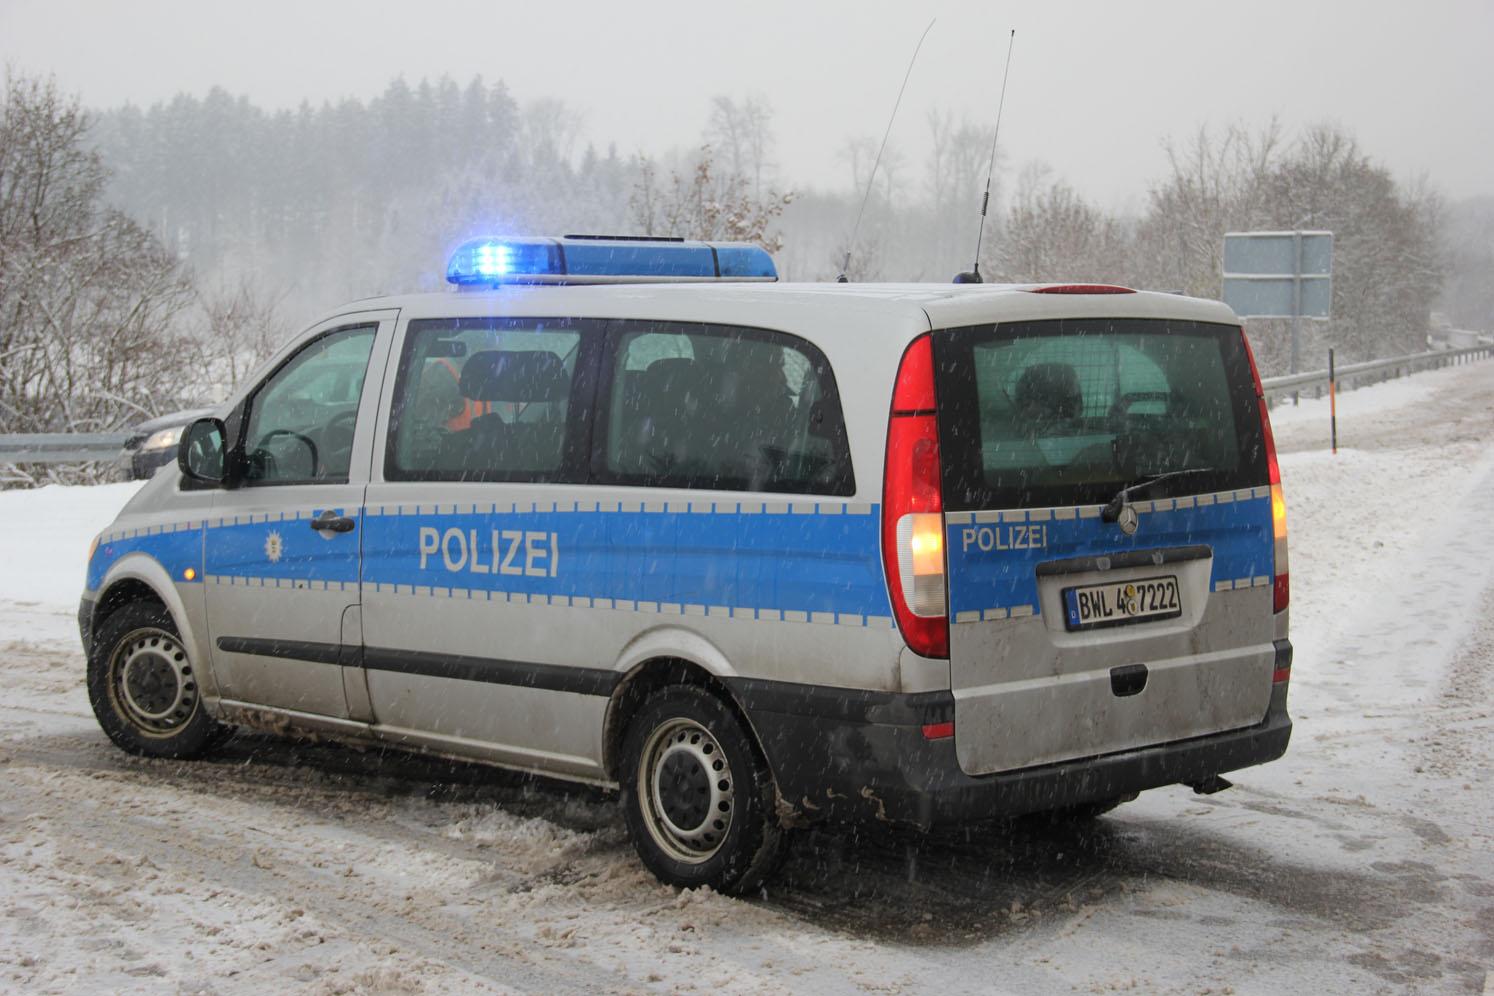 17-01-2013 B312 berkheim schneeglätte sattelzug new-facts-eu20130117 0167